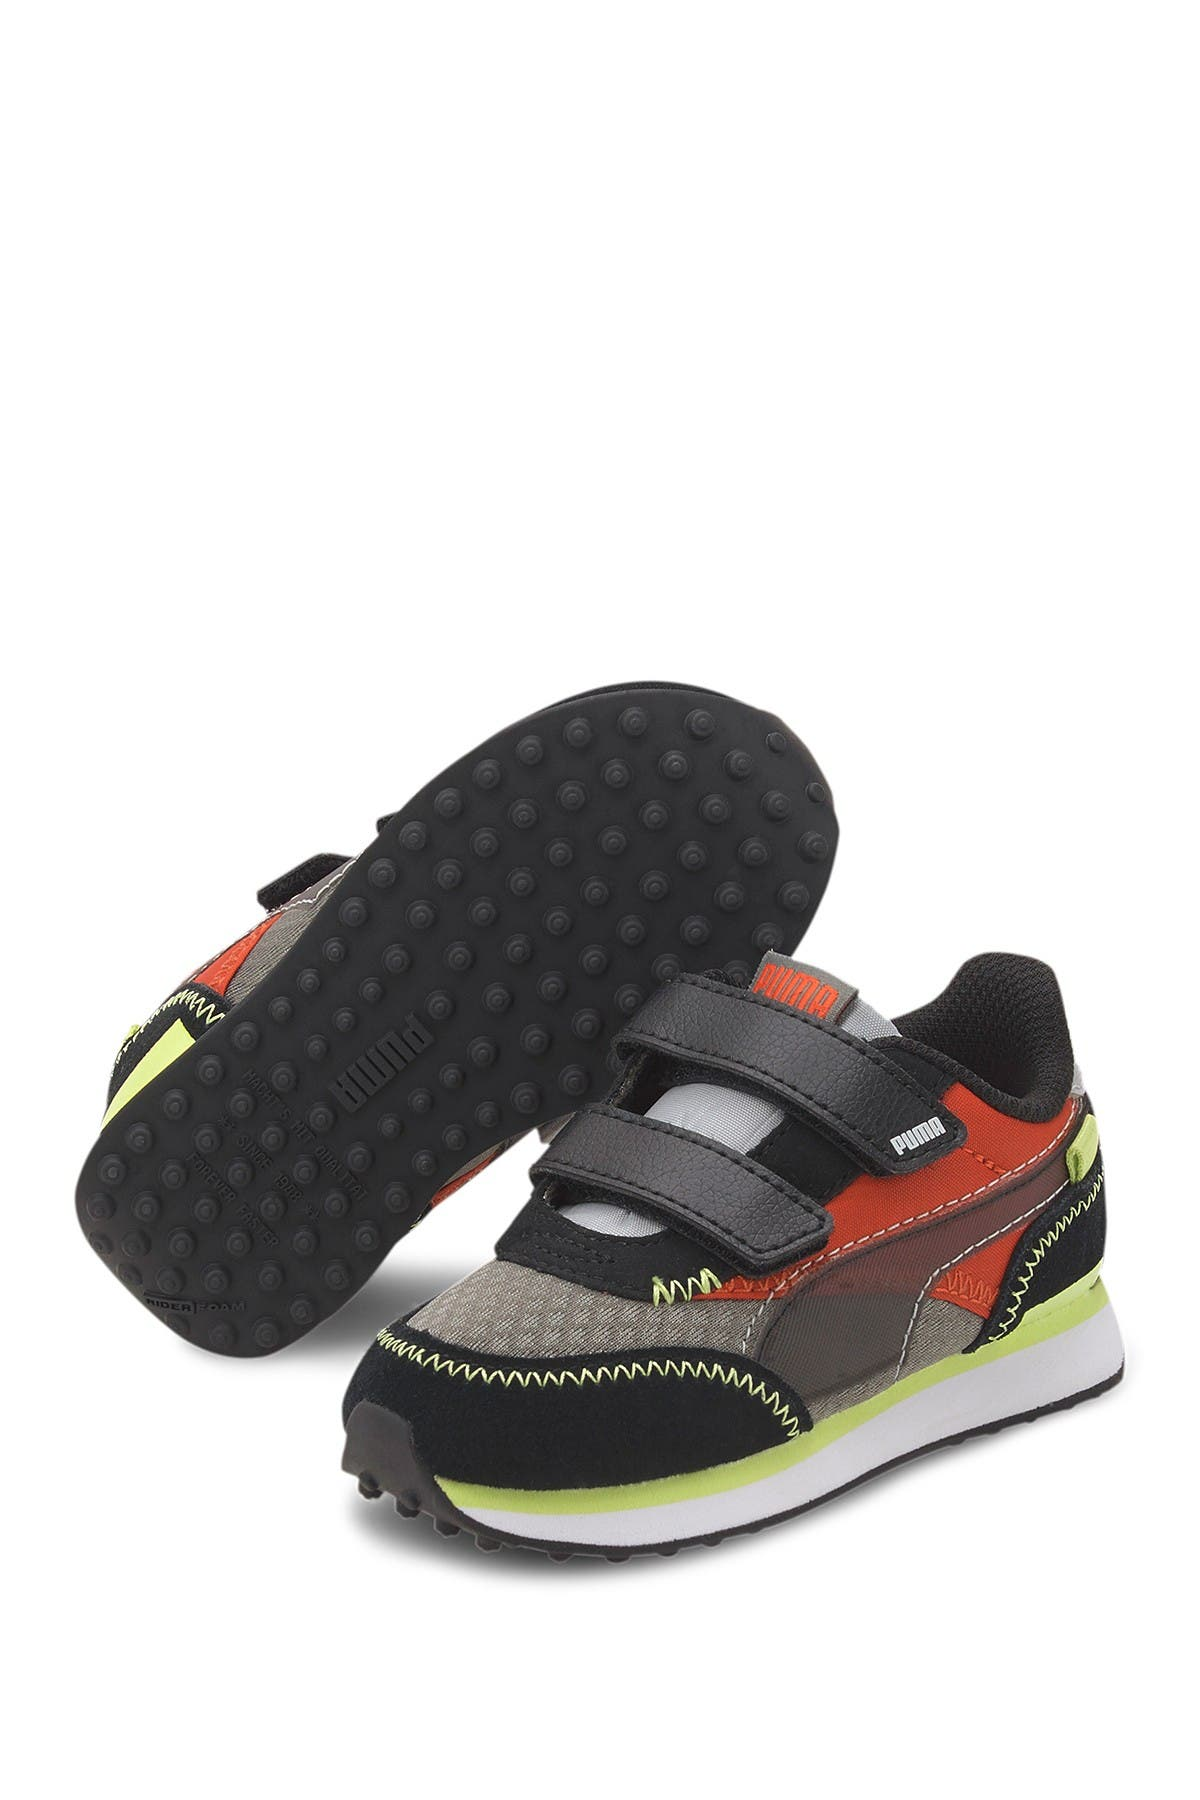 Image of PUMA Future Rider City Attack Sneaker